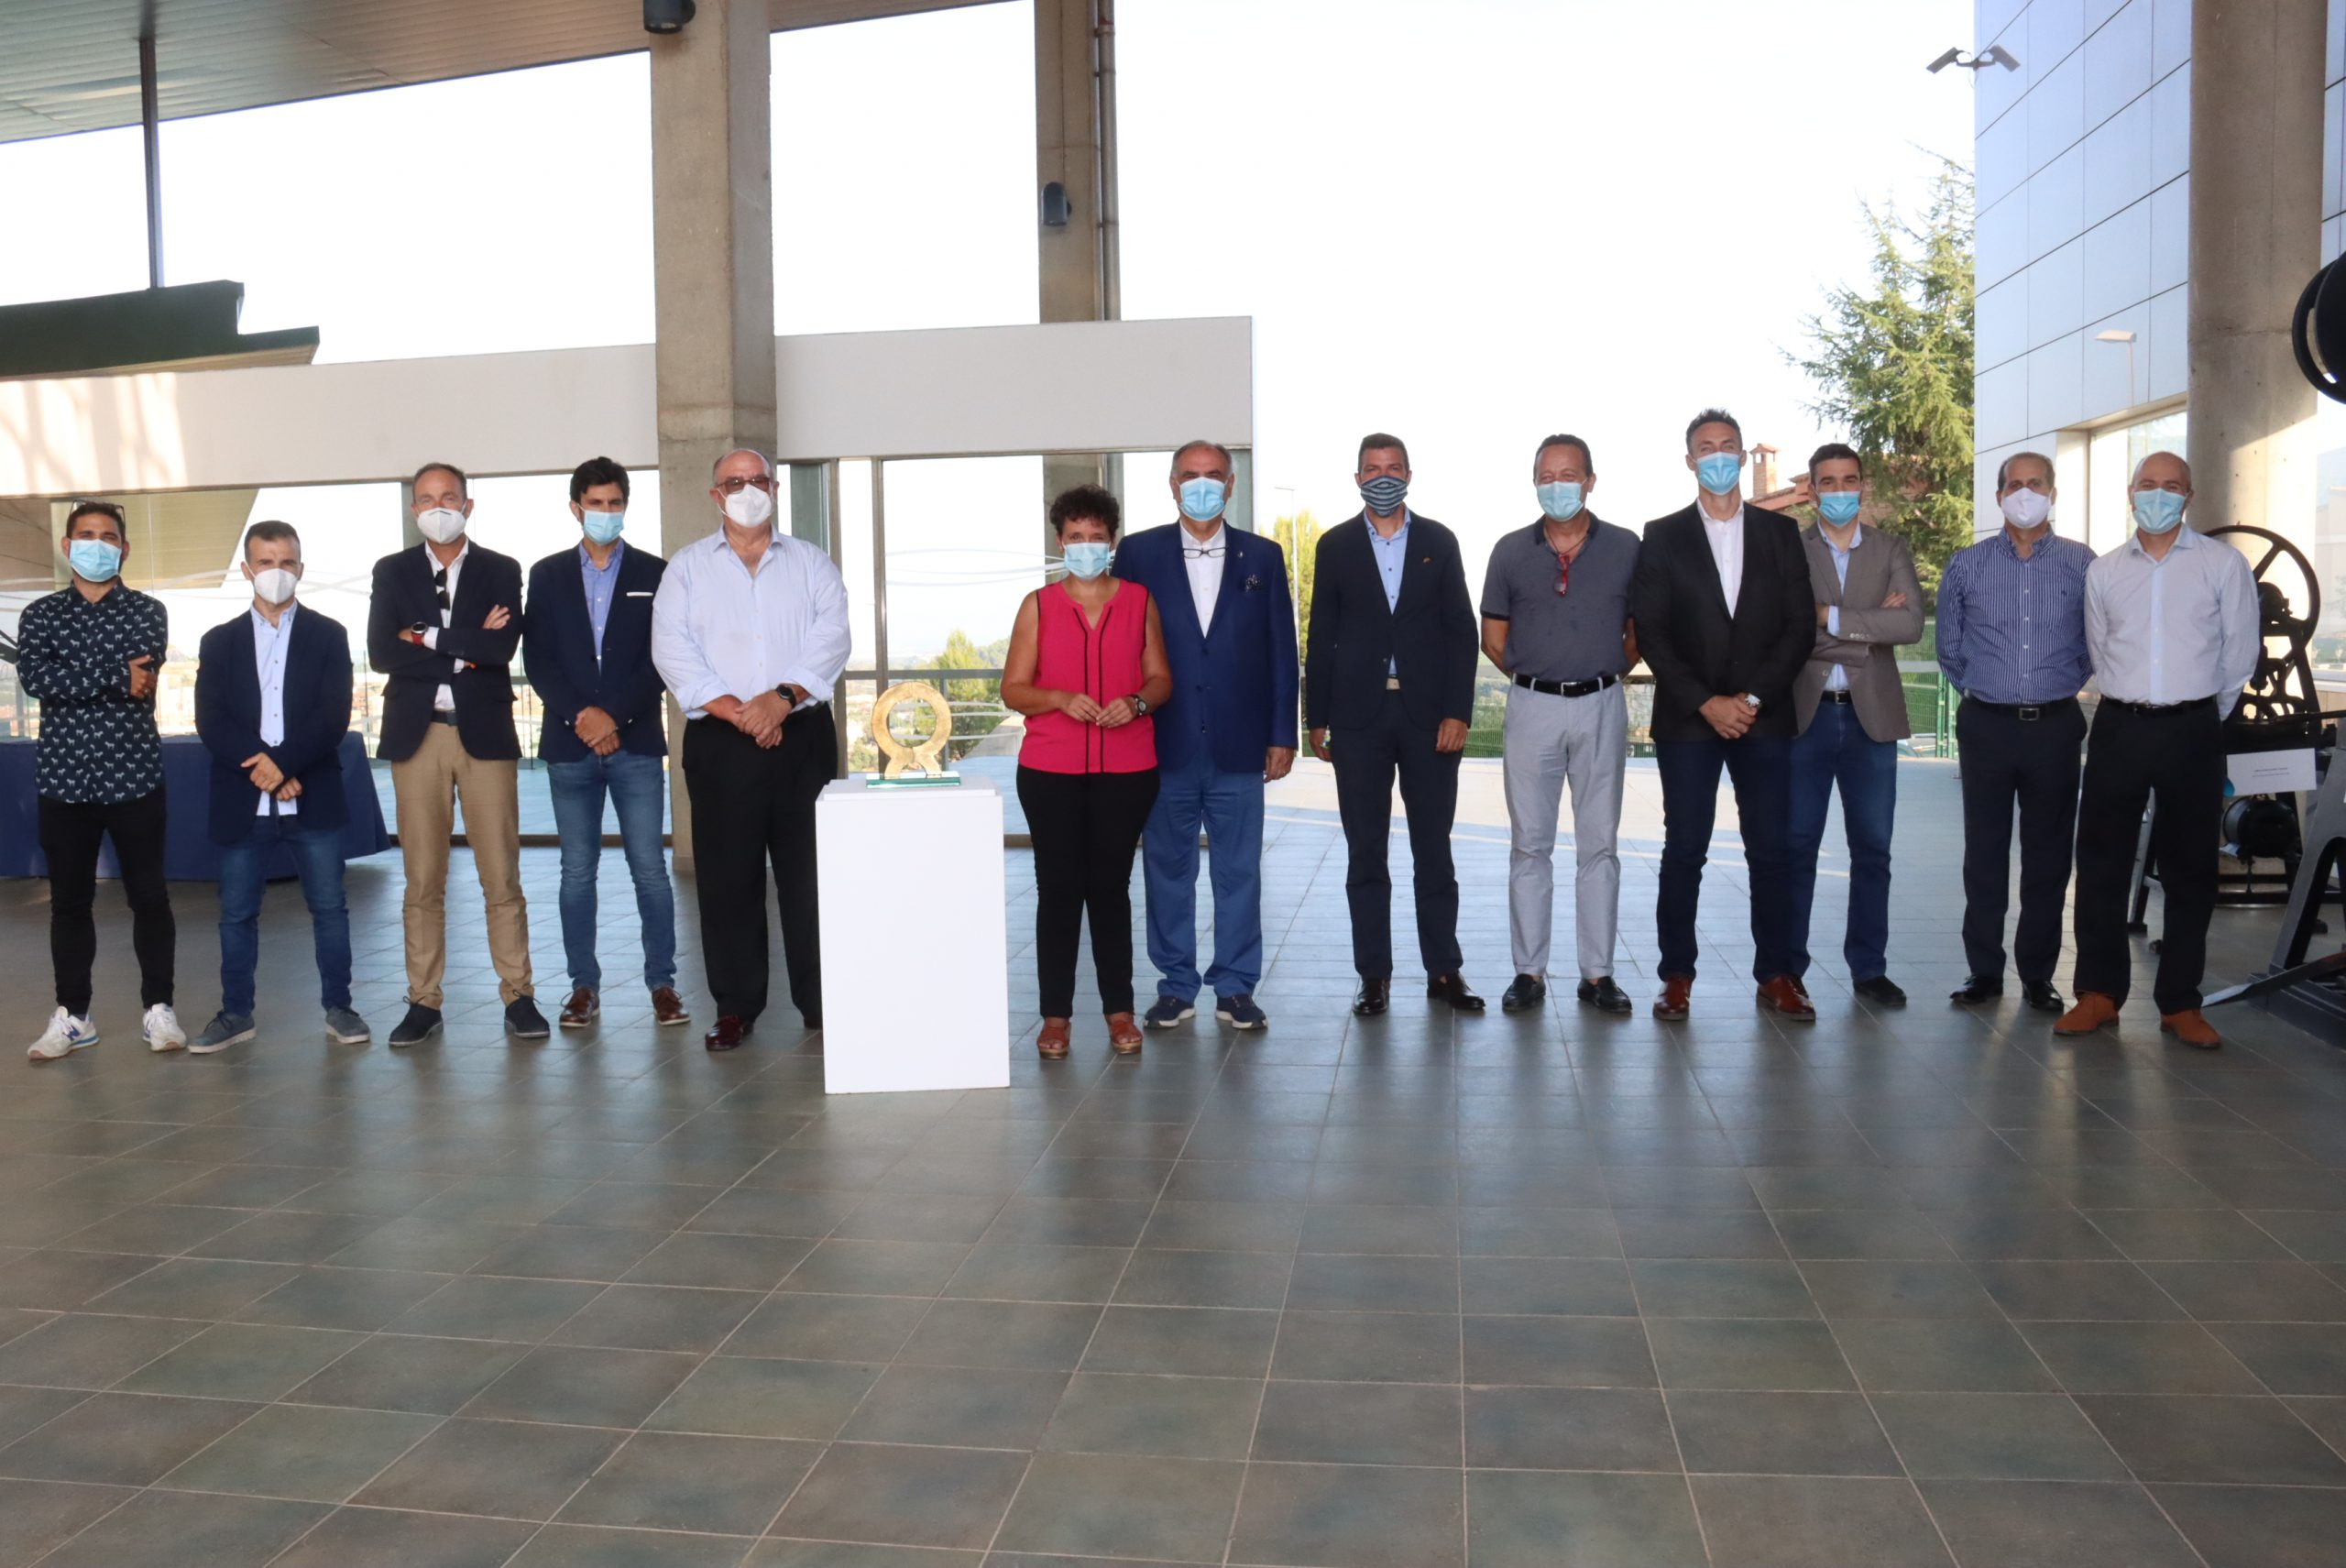 El Museu del Taulell 'Manolo Safont' de Onda recibe los proyectos premiados en la 44 edición de los Alfa de Oro